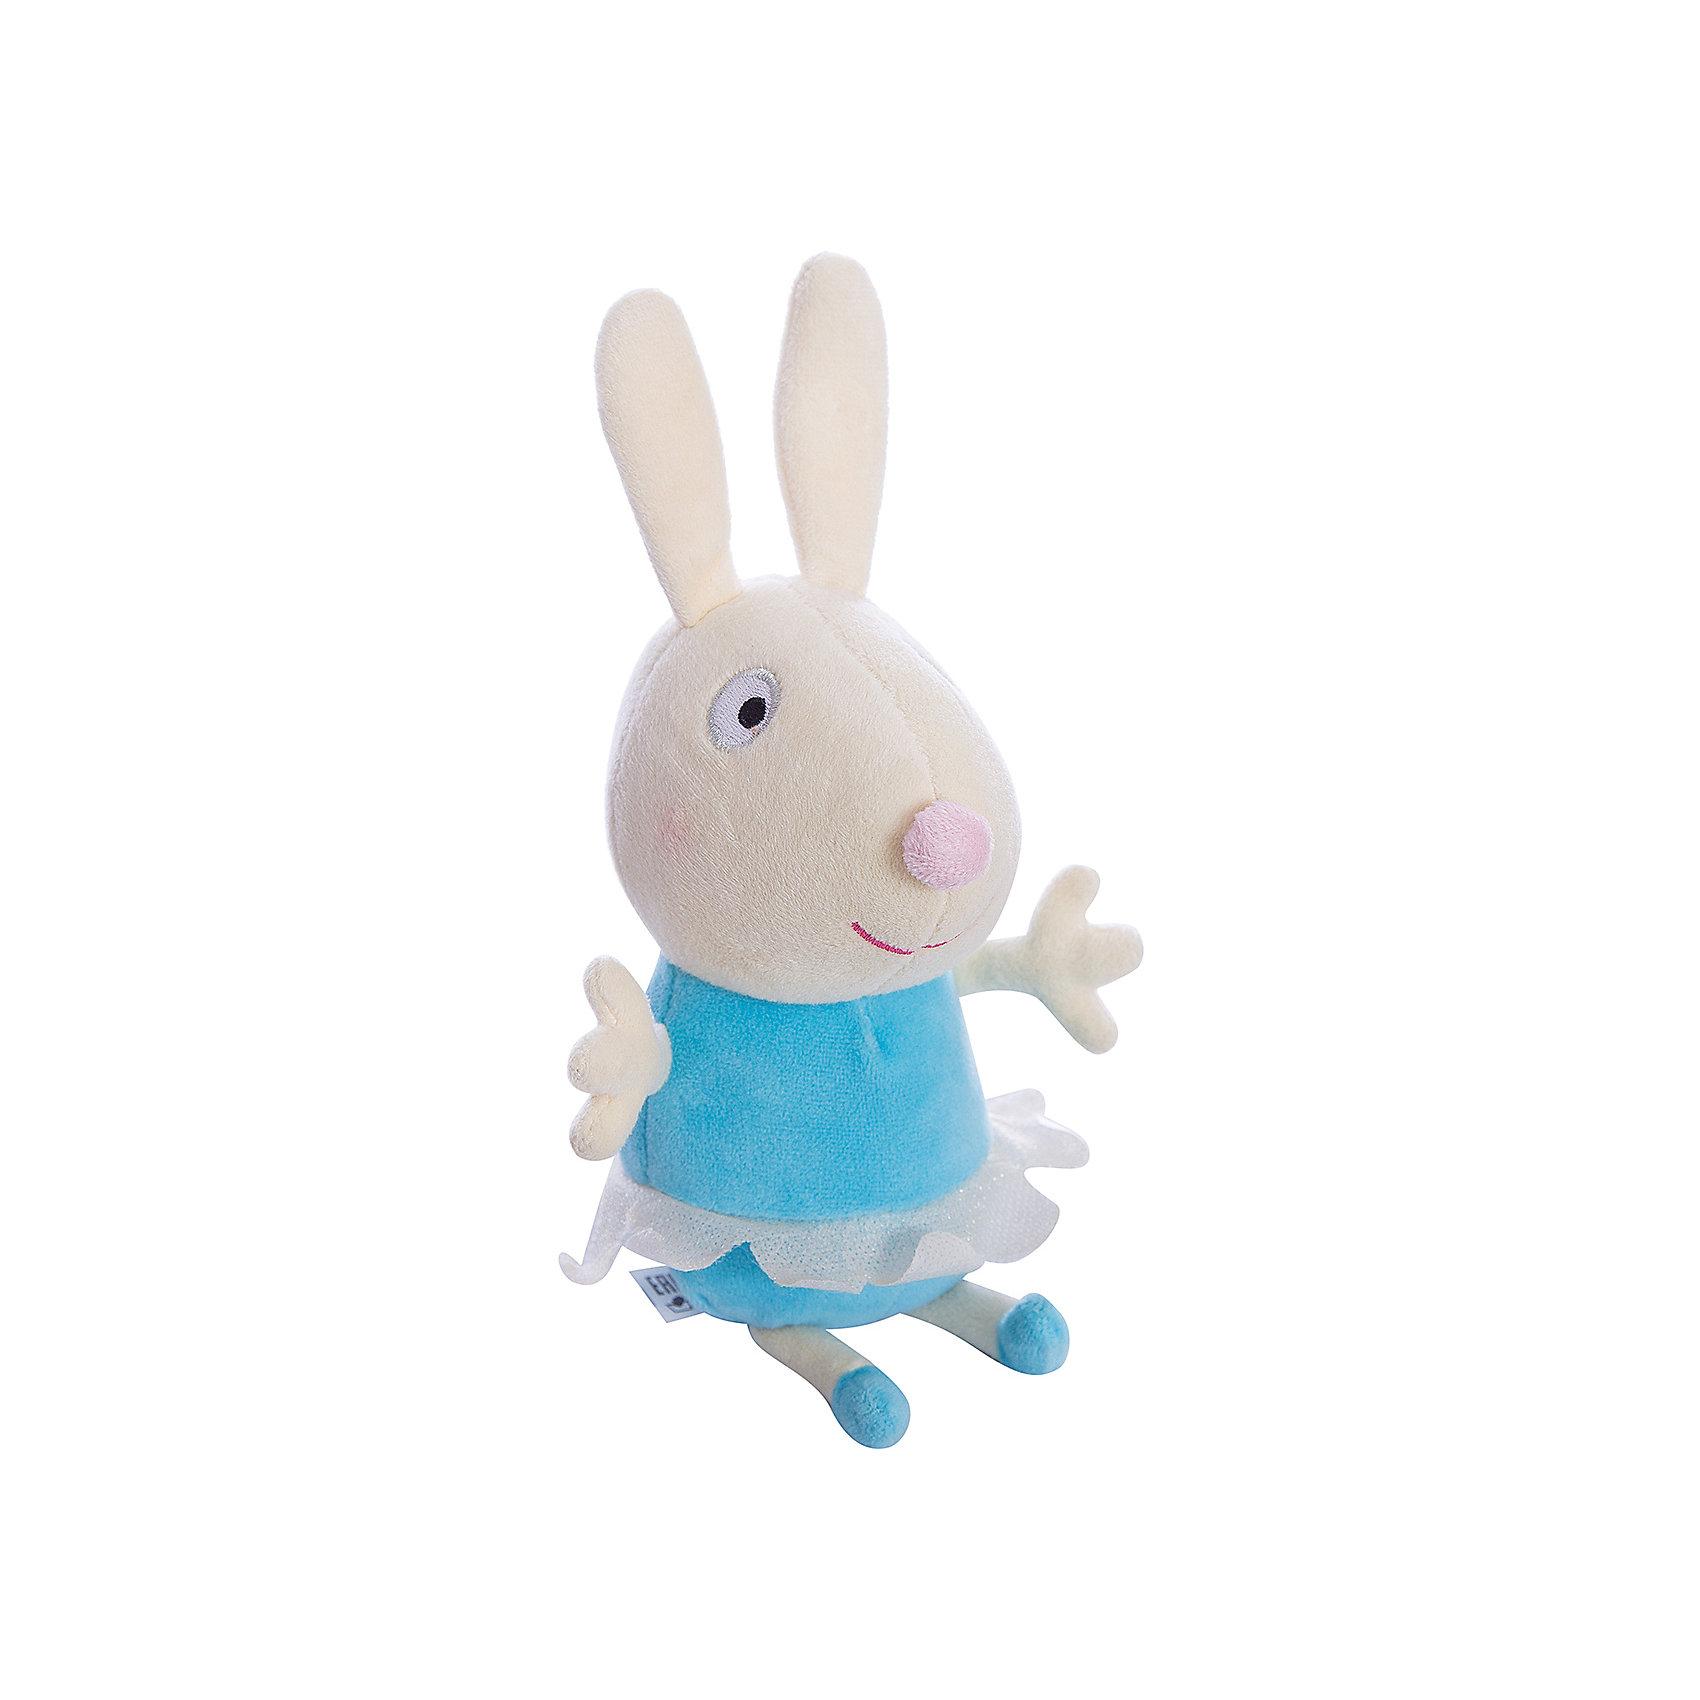 Игрушка Кролик Ребекка балерина, 20 см, Свинка ПеппаЛинейка мягких игрушек Балерины, Свинка Пеппа (Peppa Pig ), создана по мотивам серии мультфильма Урок балета. Игрушка  Кролик Ребекка балерина одета в веселую юбочку из ткани. Эта очаровательная мягкая игрушка очень приятна на ощупь, так как изготовлена из велюровой ткани и плотно набита. Также из данной серии вы можете выбрать следующие игрушки: Кролик Ребекка балерина, Пеппа балерина, Кошечка Кэнди балерина. Собери всем мягких балерин и устрой веселое представление. Игрушка изготовлена из высококачественных материалов, безопасных для детей.<br><br>Дополнительная информация: <br> <br>- Материал: текстиль, синтепон.<br>- Размер: 20 см (с ножками).<br>- Цвет: голубой, бежевый..<br><br>Игрушку Кролик Ребекка балерина, 20 см, Свинка Пеппа (Peppa Pig ) можно купить в нашем магазине.<br><br>Ширина мм: 90<br>Глубина мм: 80<br>Высота мм: 200<br>Вес г: 60<br>Возраст от месяцев: 36<br>Возраст до месяцев: 2147483647<br>Пол: Унисекс<br>Возраст: Детский<br>SKU: 3905898